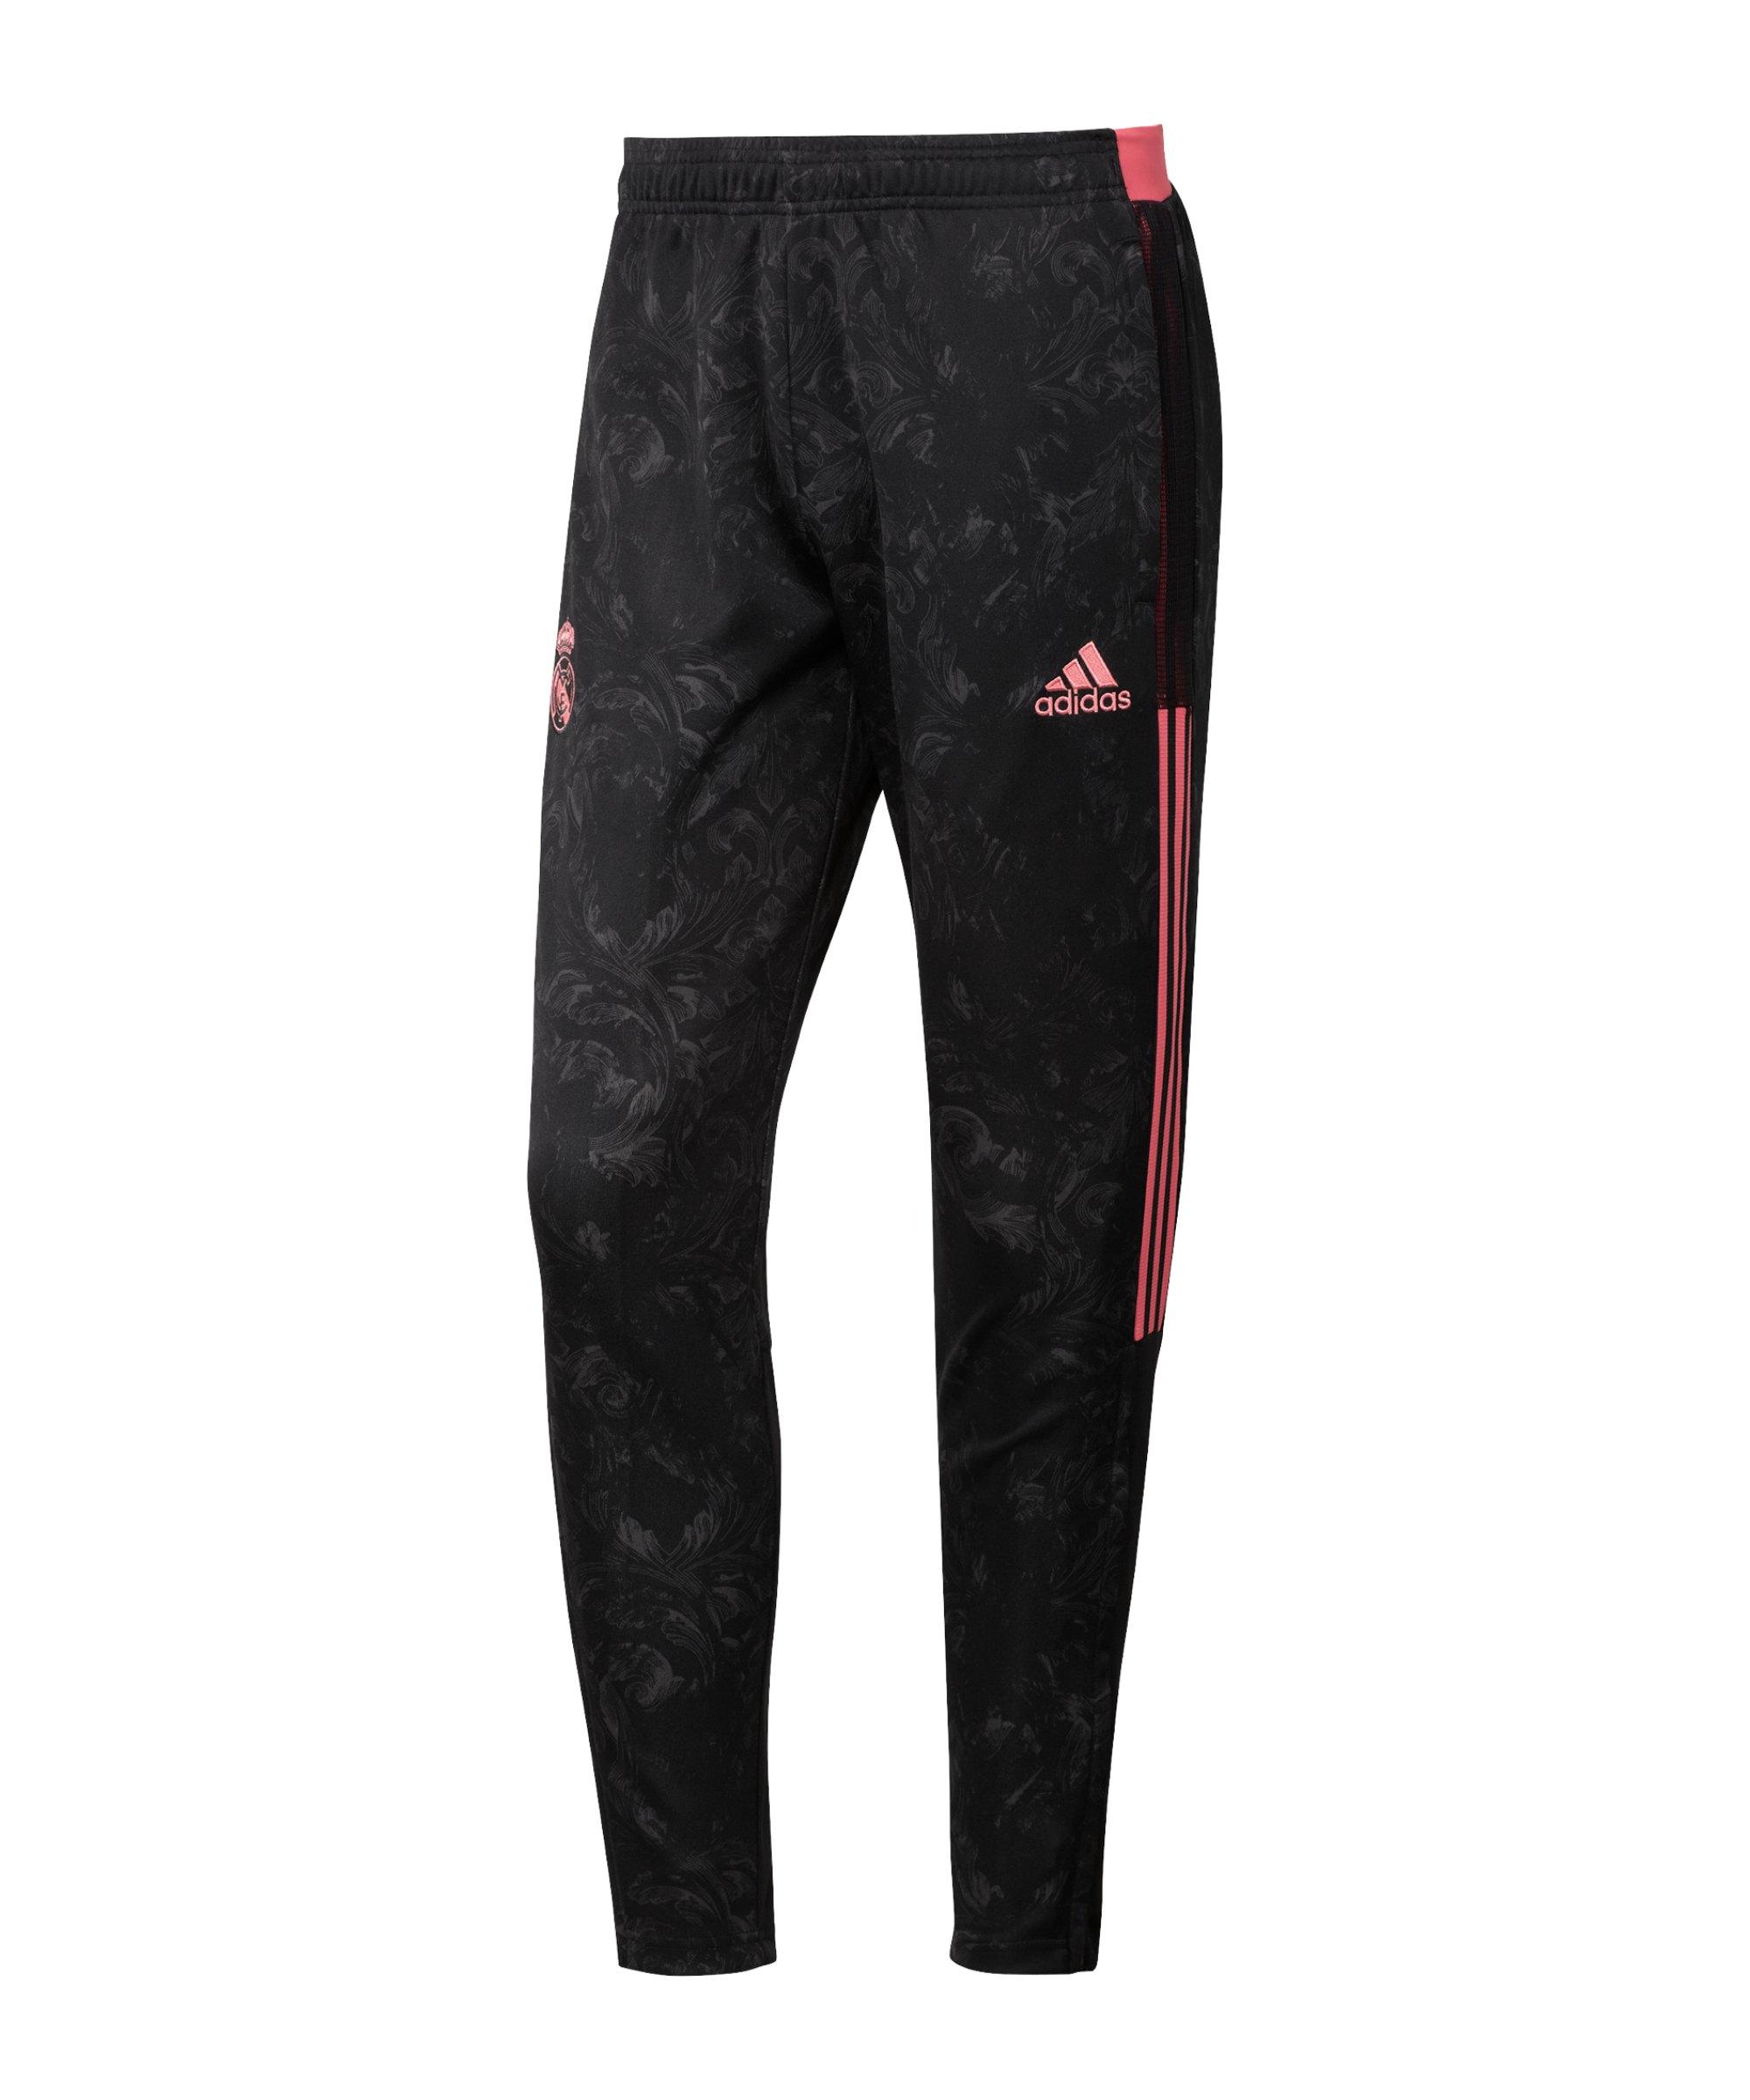 adidas Real Madrid UCL Trainingshose Schwarz - schwarz